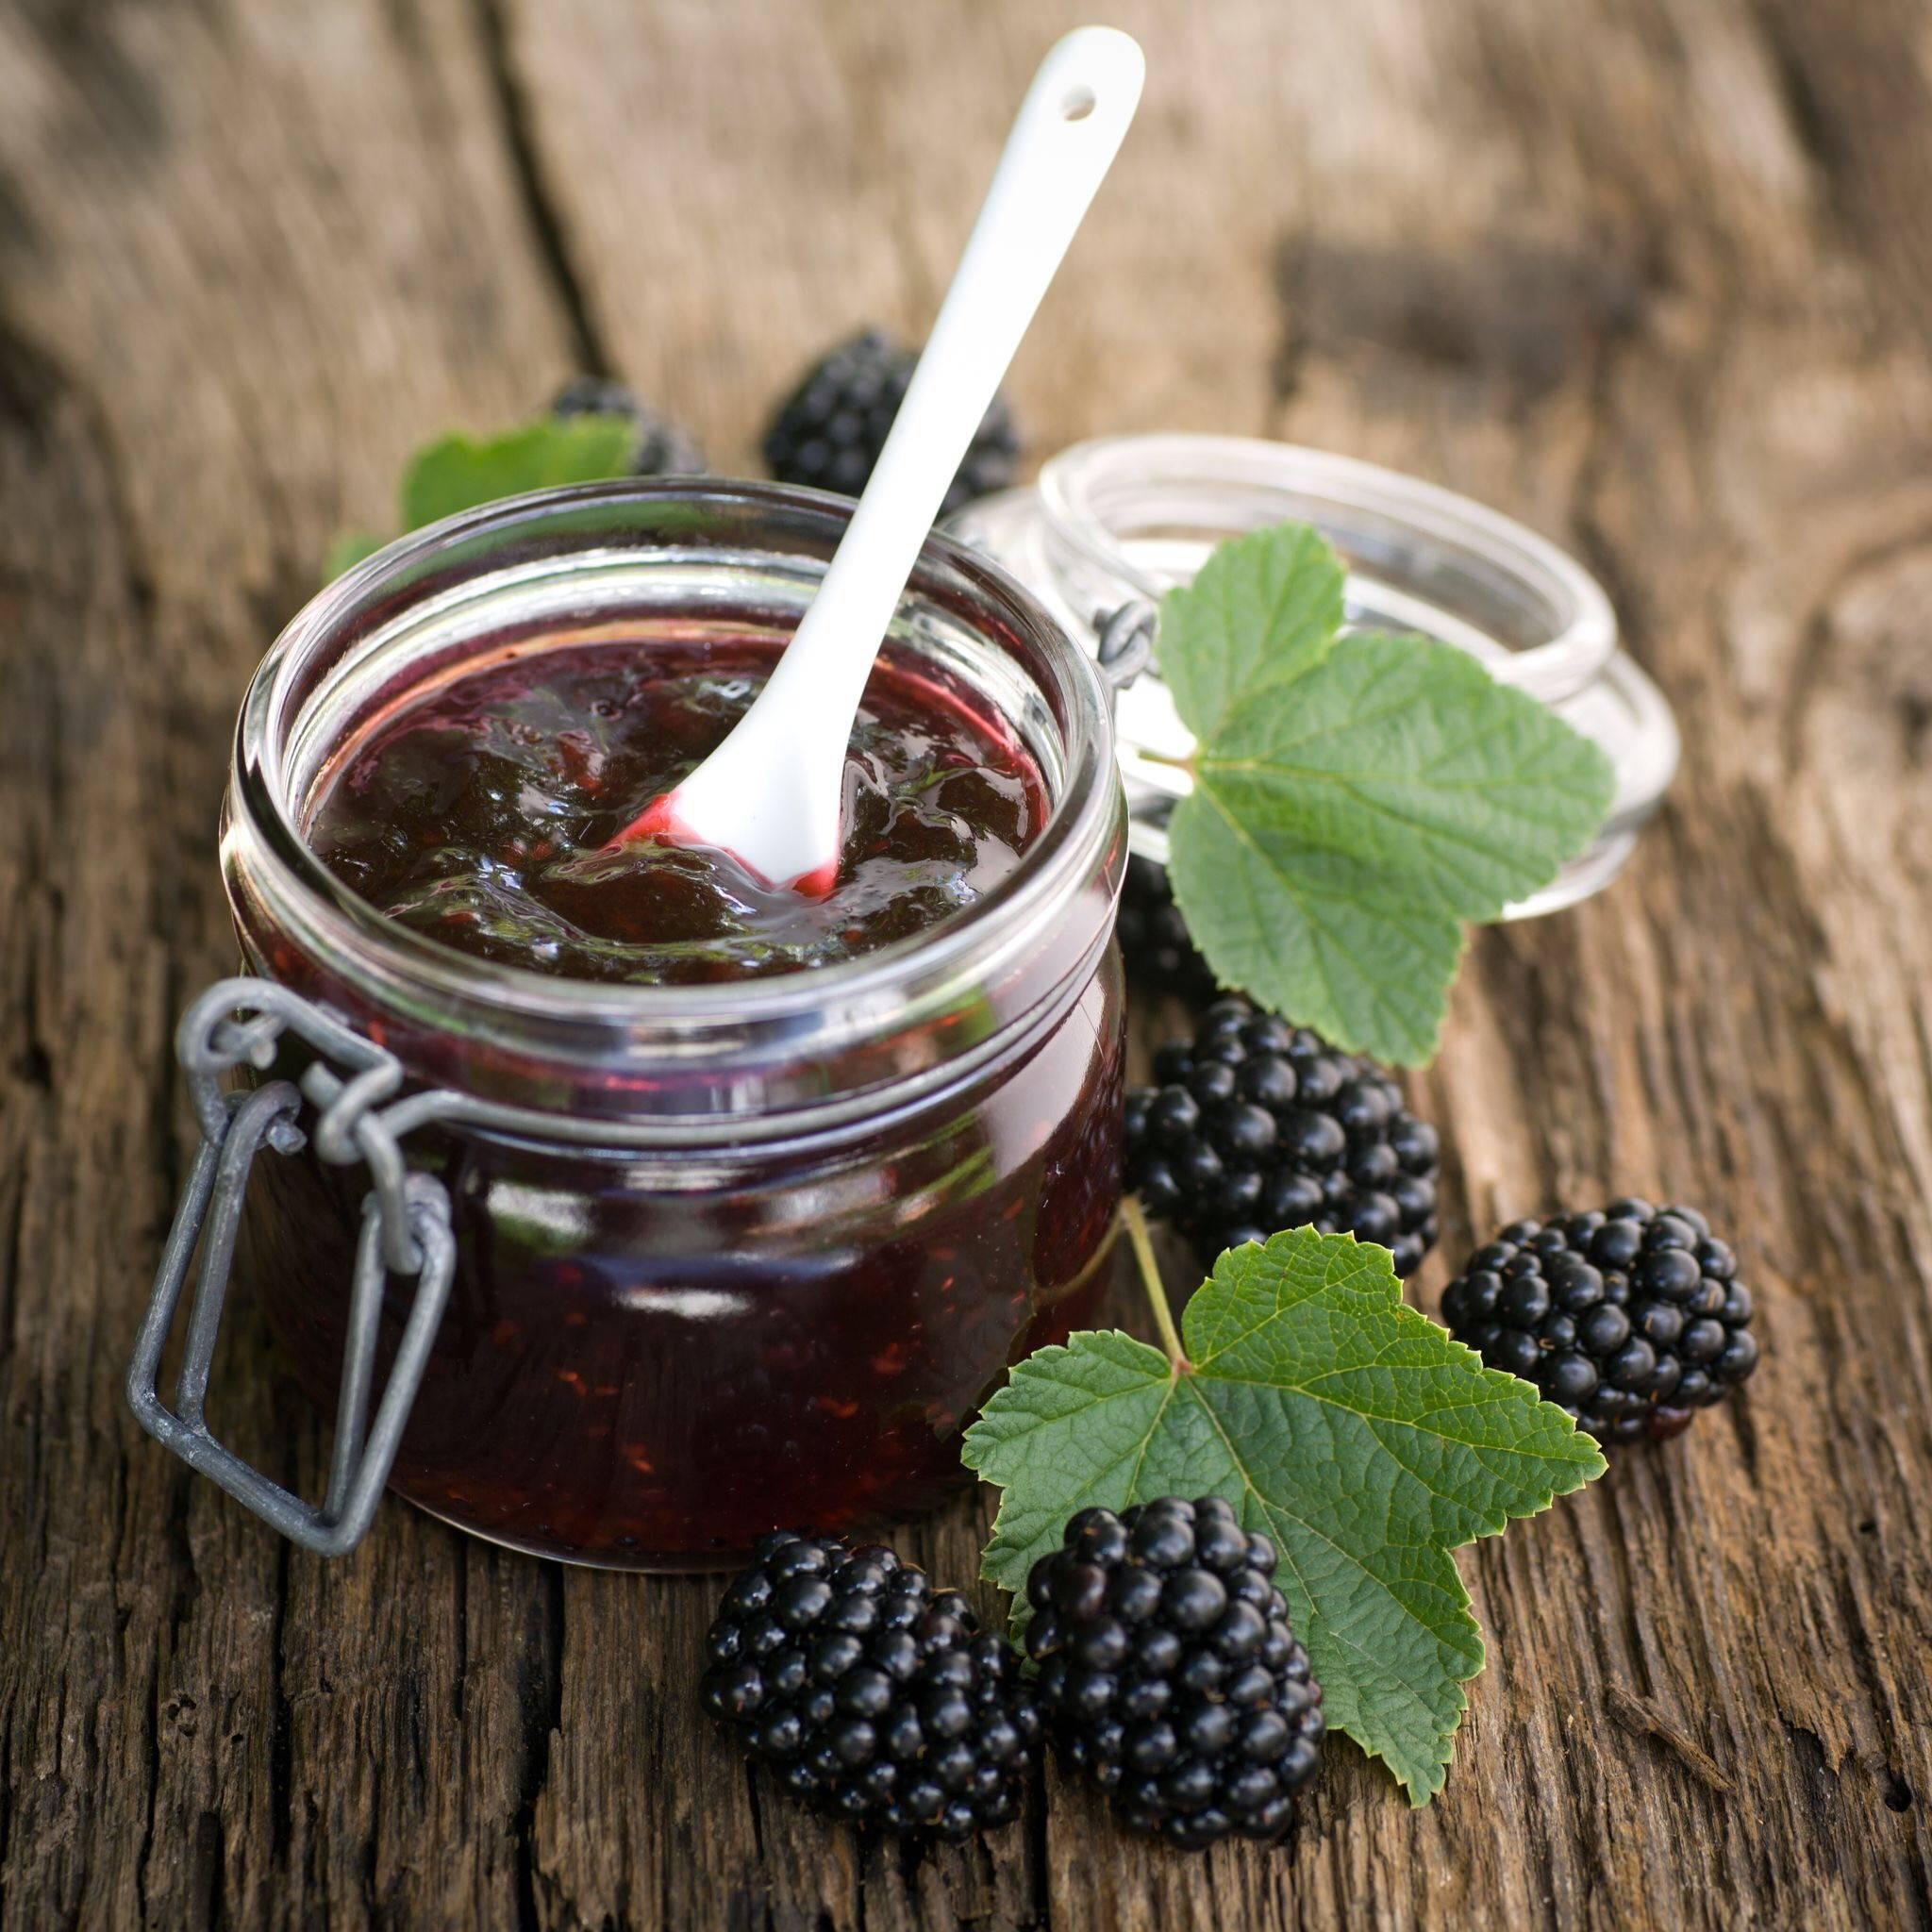 Полезные свойства шелковицы: состав ягод, их польза и вред для организма, противопоказания